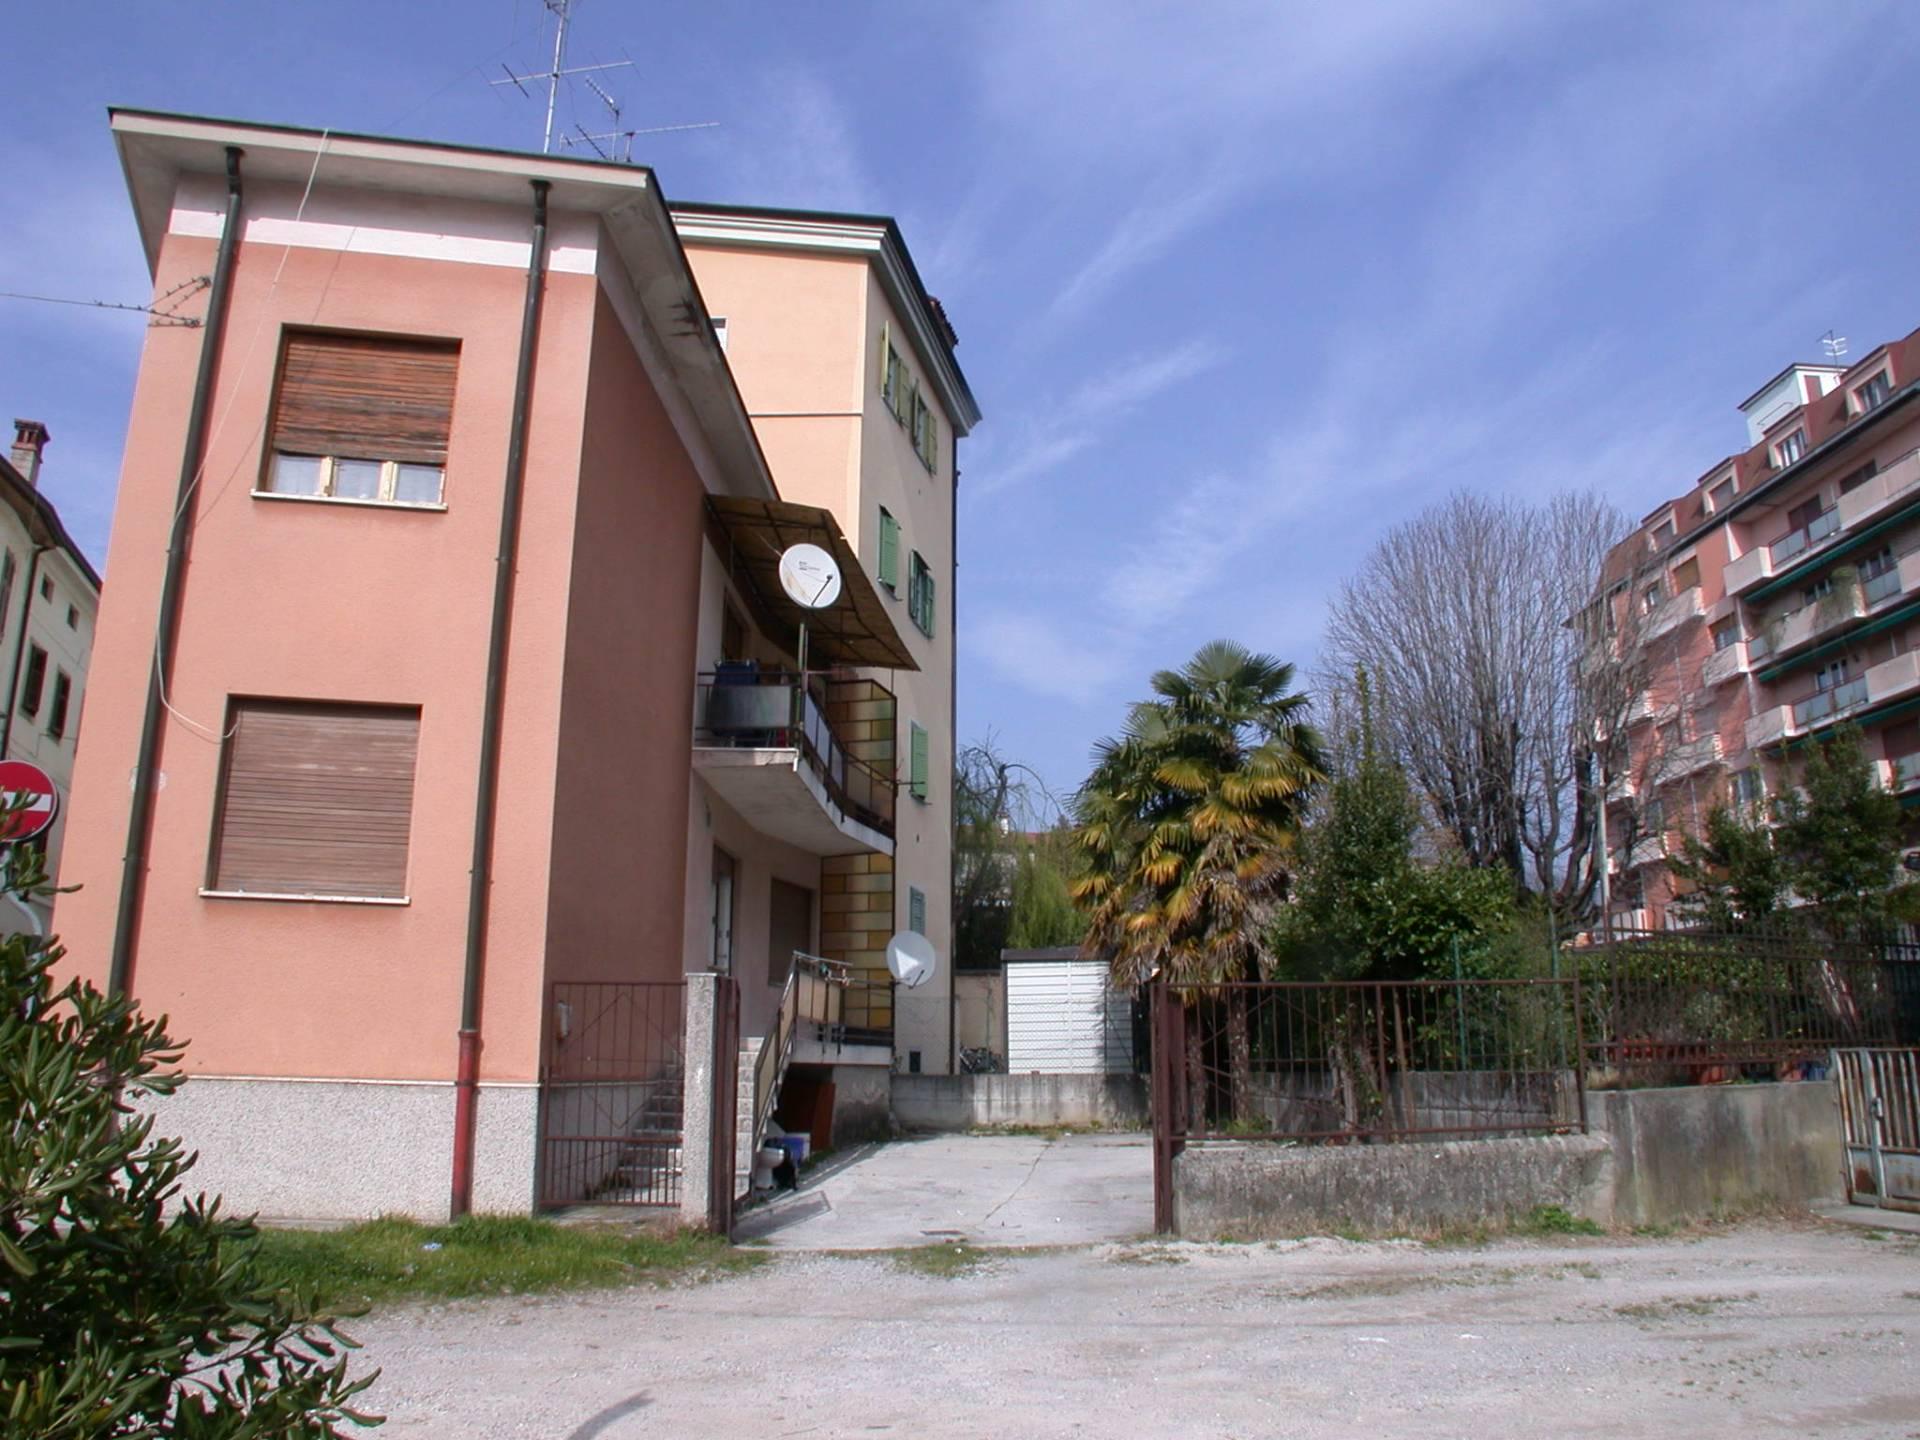 Appartamento in affitto a Gorizia, 4 locali, zona Località: Centrostorico, prezzo € 440 | CambioCasa.it